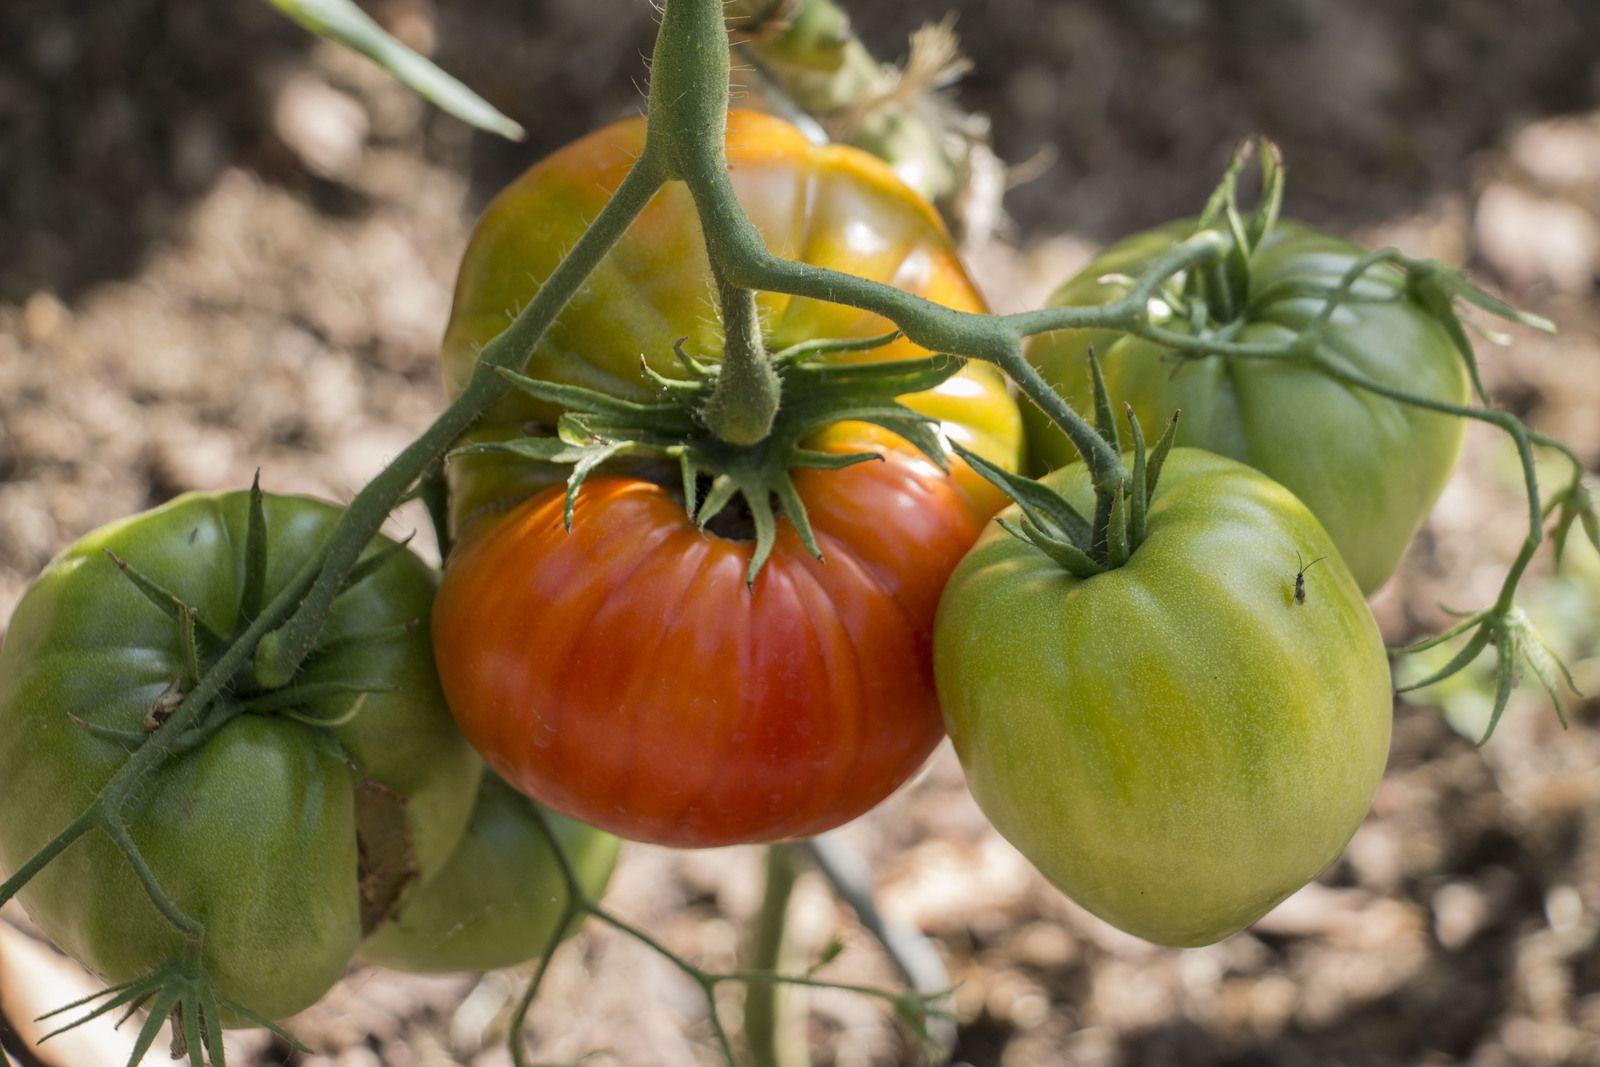 Utiliser le purin d'ortie sur les tomates revient à apporter à la fois une fertilisation aux plants et un amendement au sol.